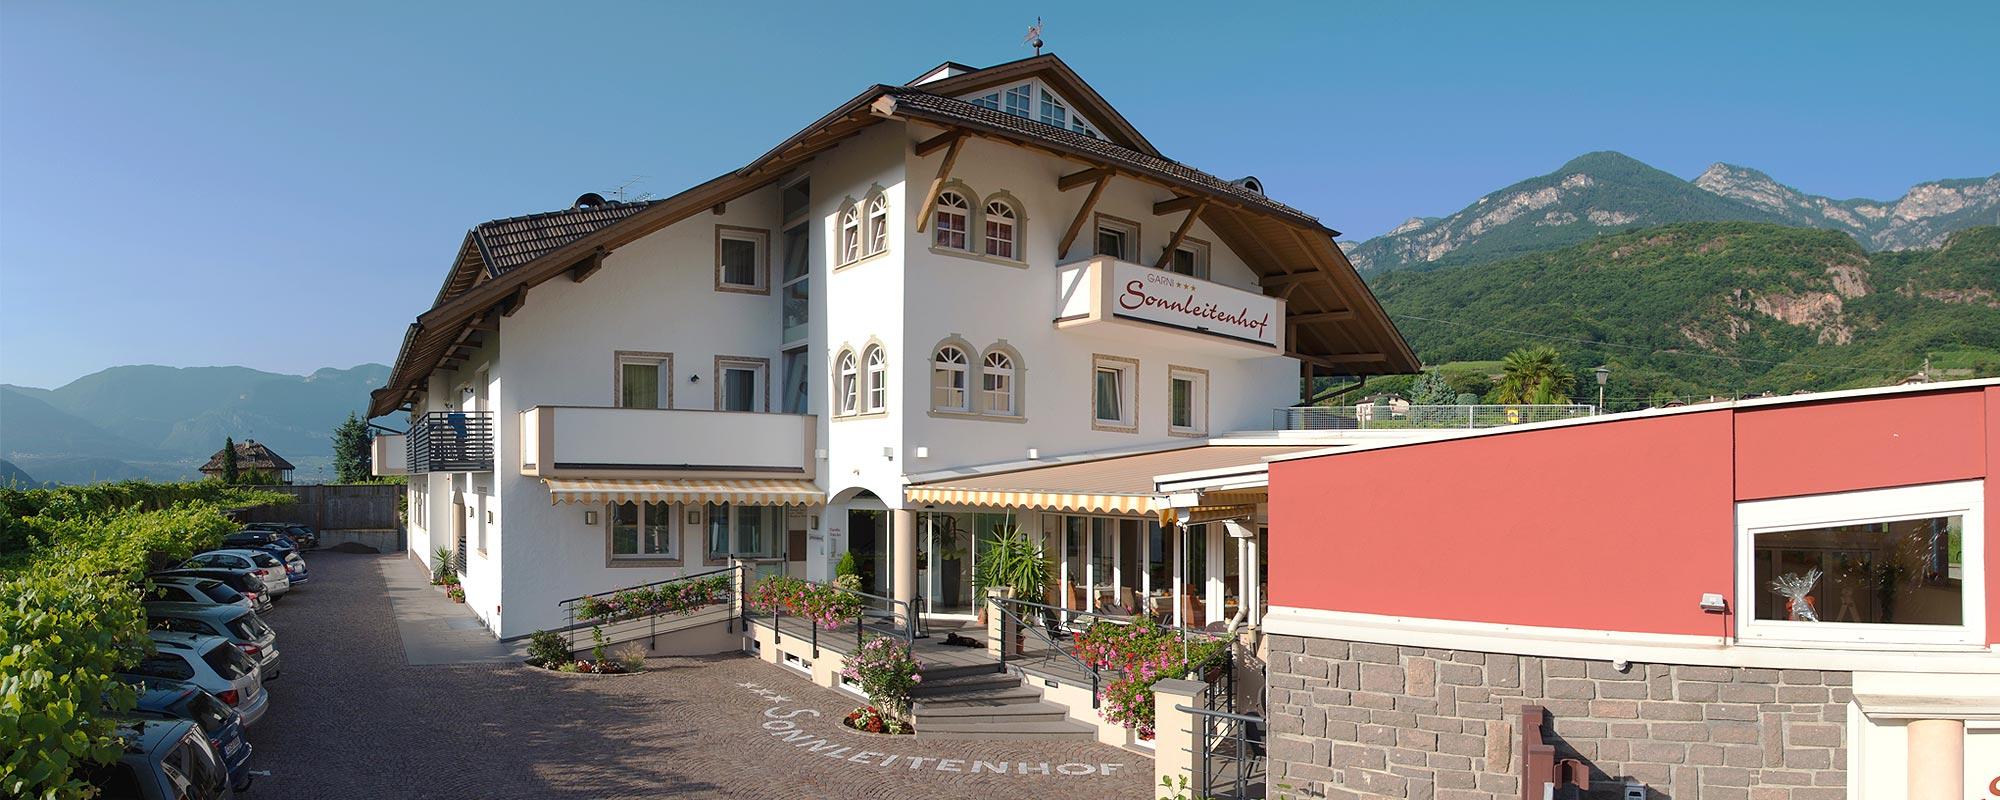 Garni hotel sonnleitenhof am kalterer see kaltern in for Hotel kaltern